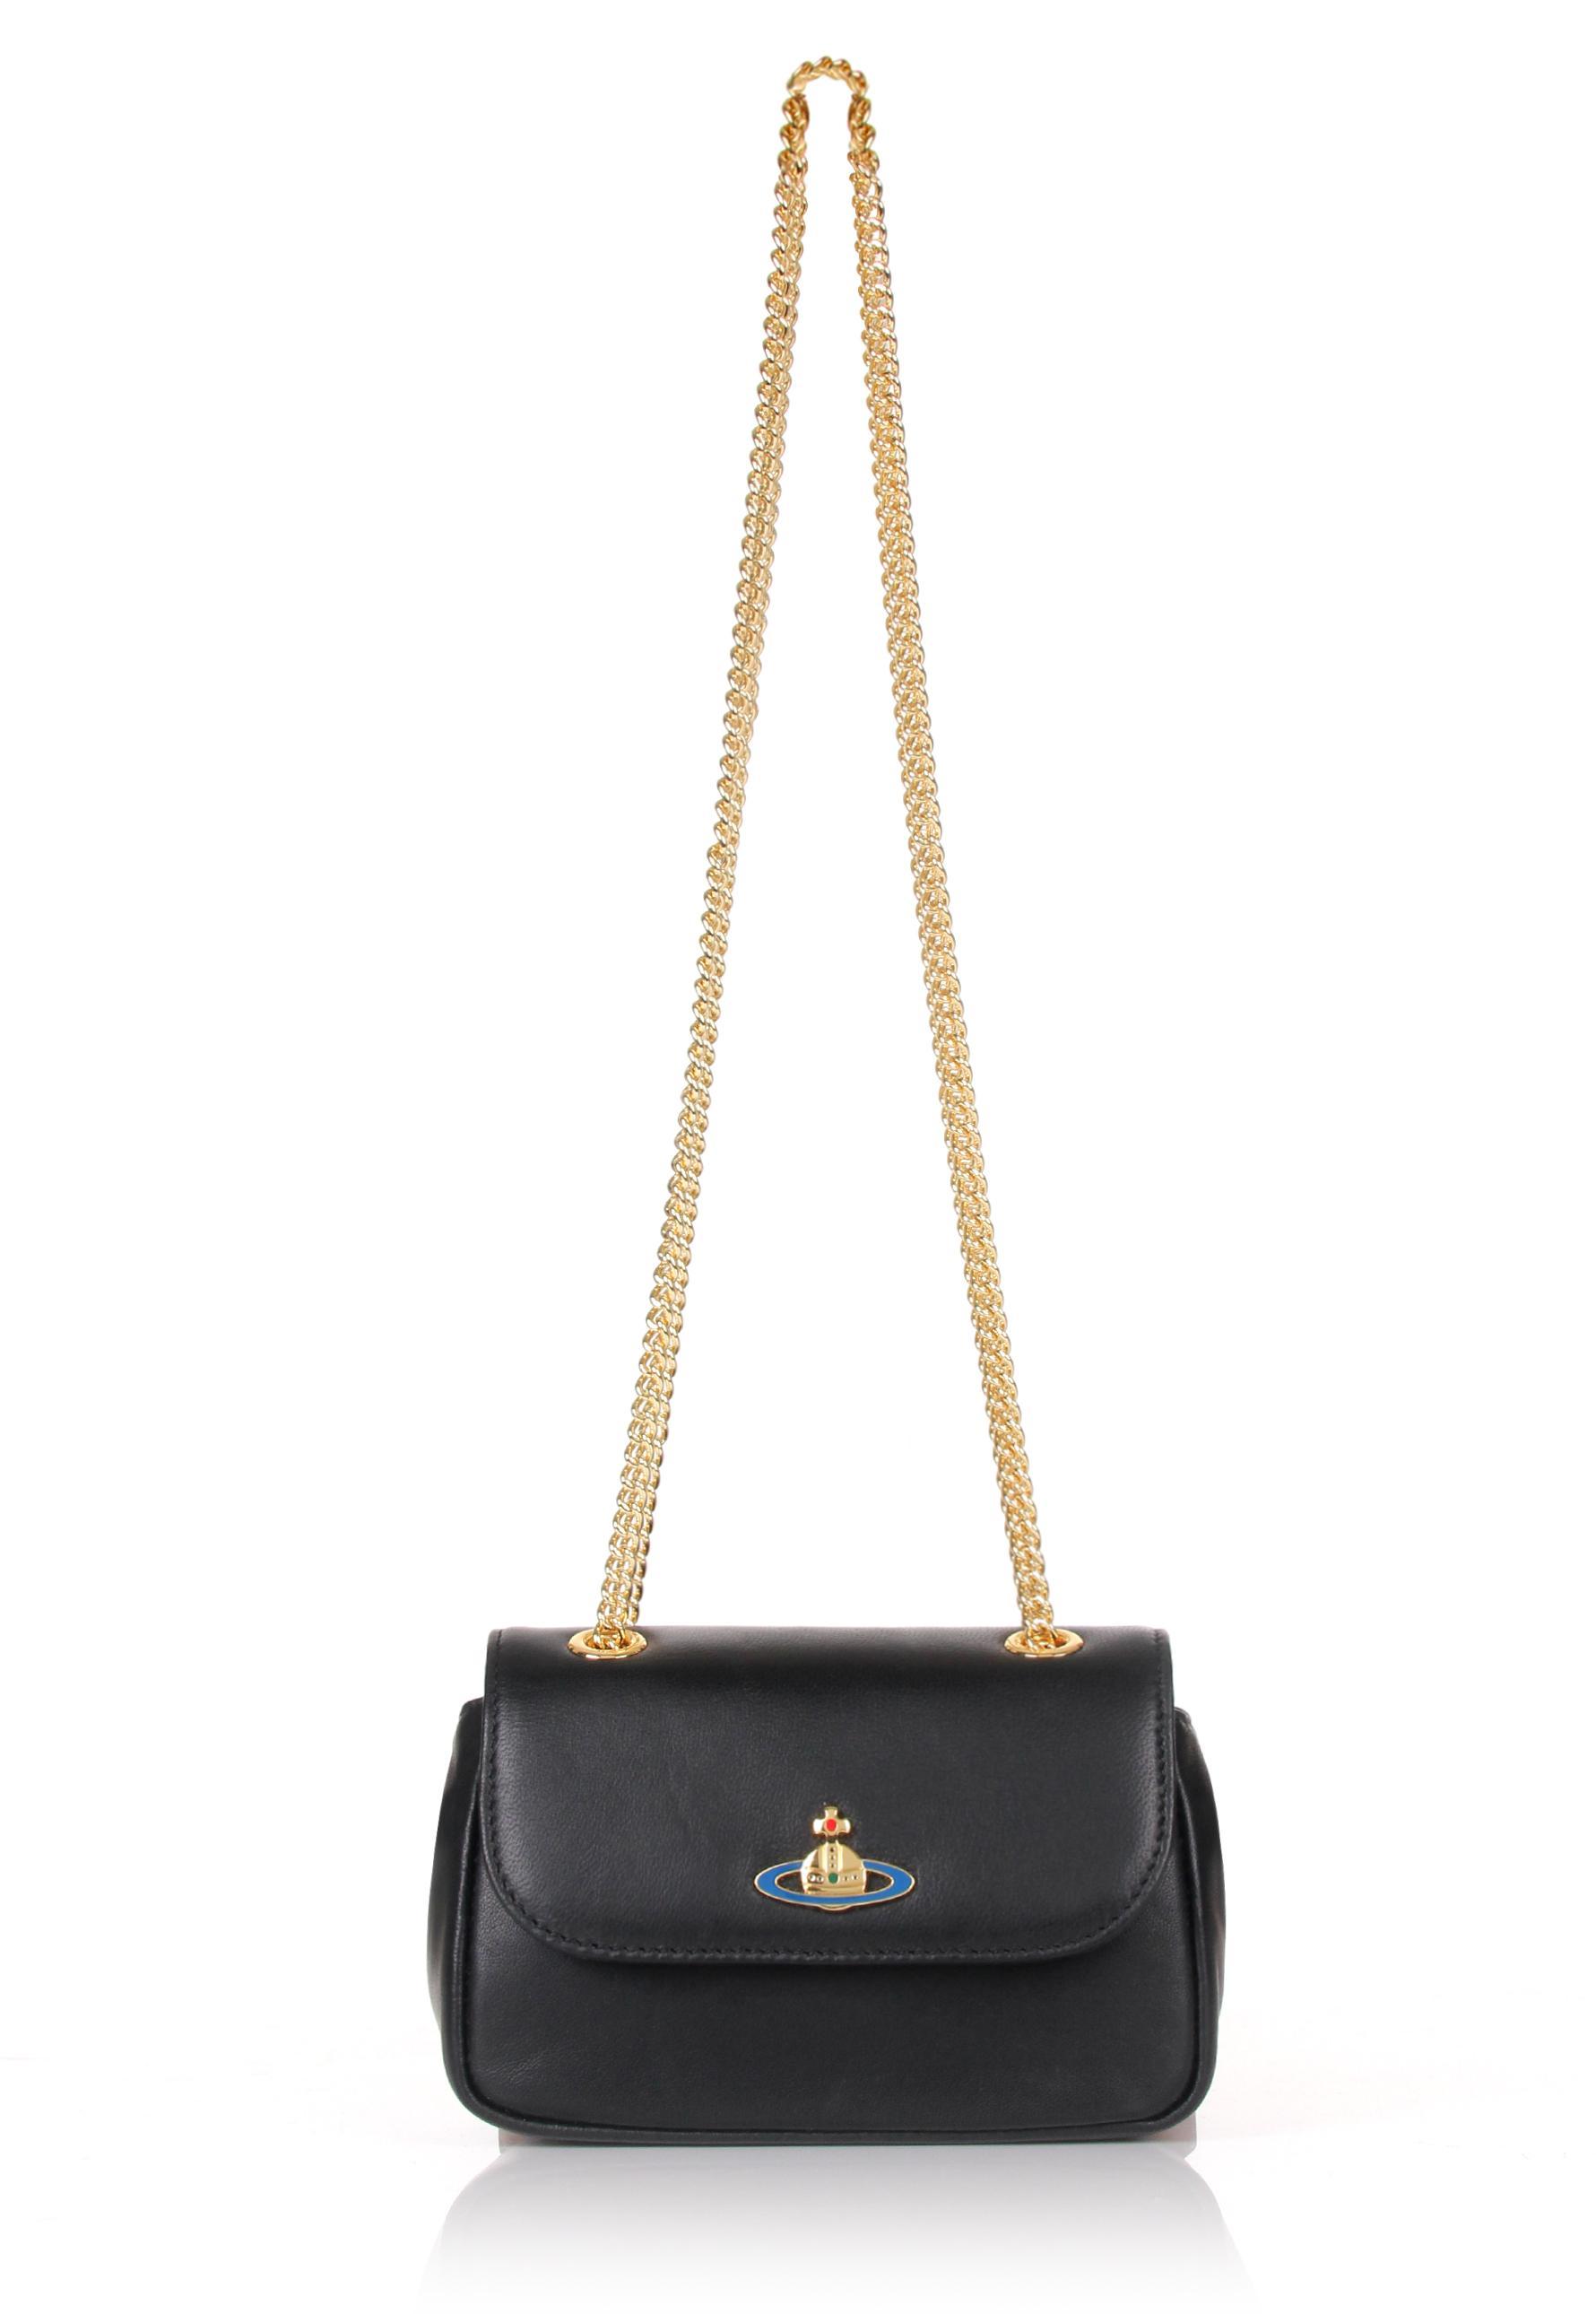 Vivienne westwood Nappa 7150 Mini Crossbody Bag Black in ...